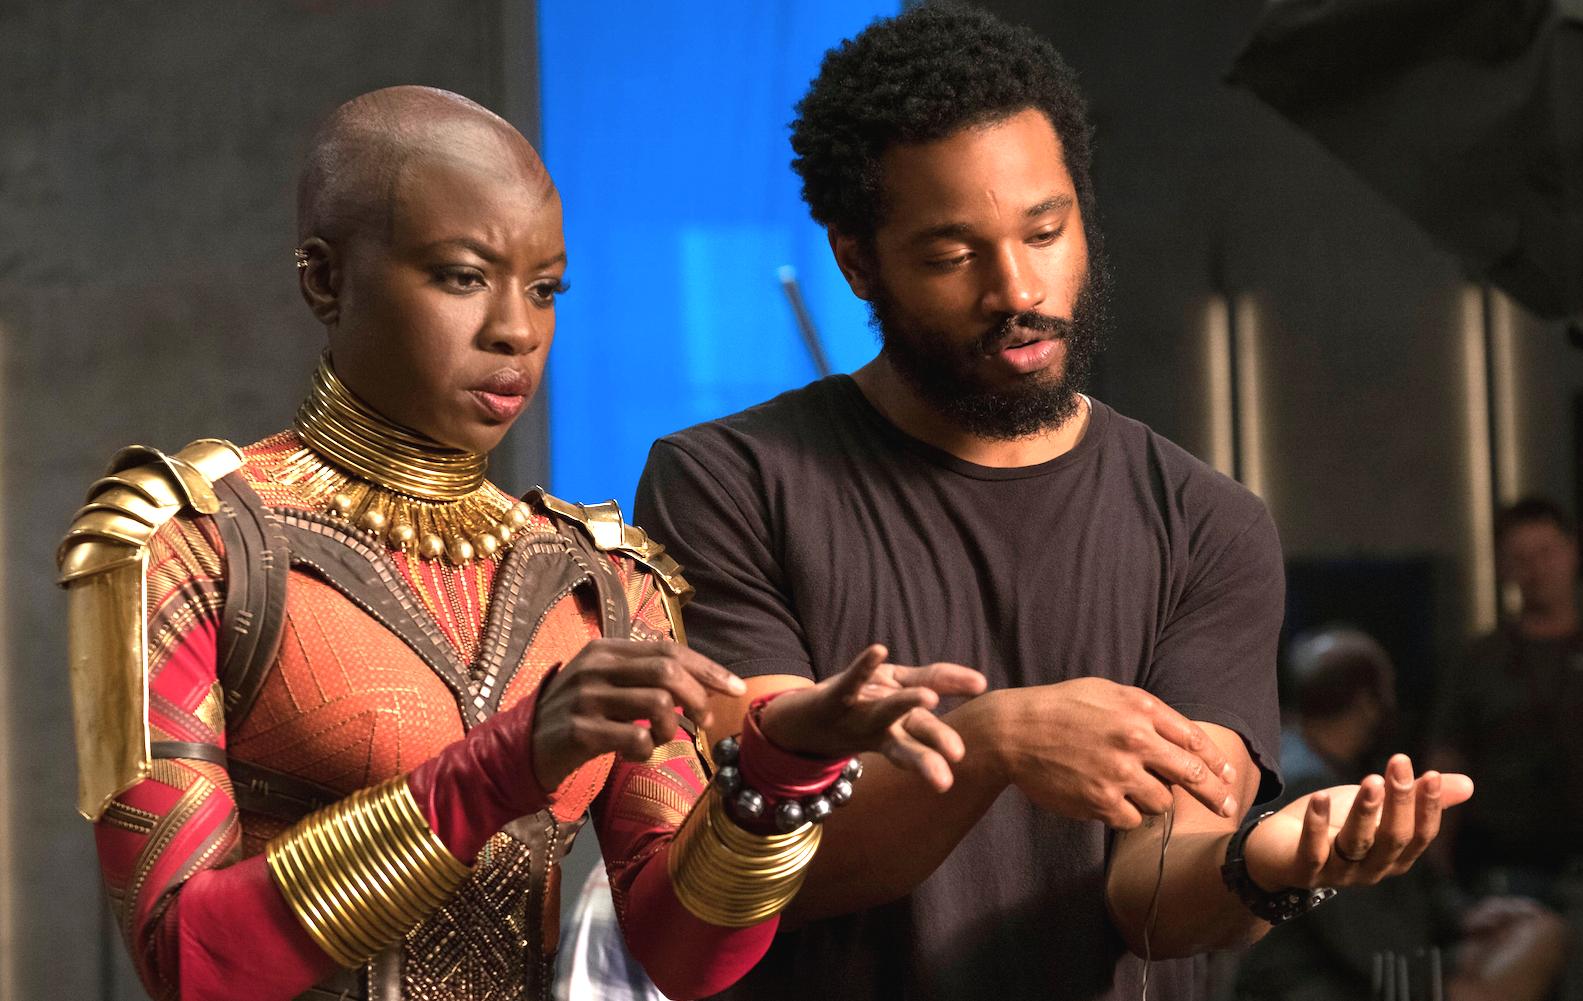 Ryan Coogler Directs Danai Gurira On The Set Of Black Panther.